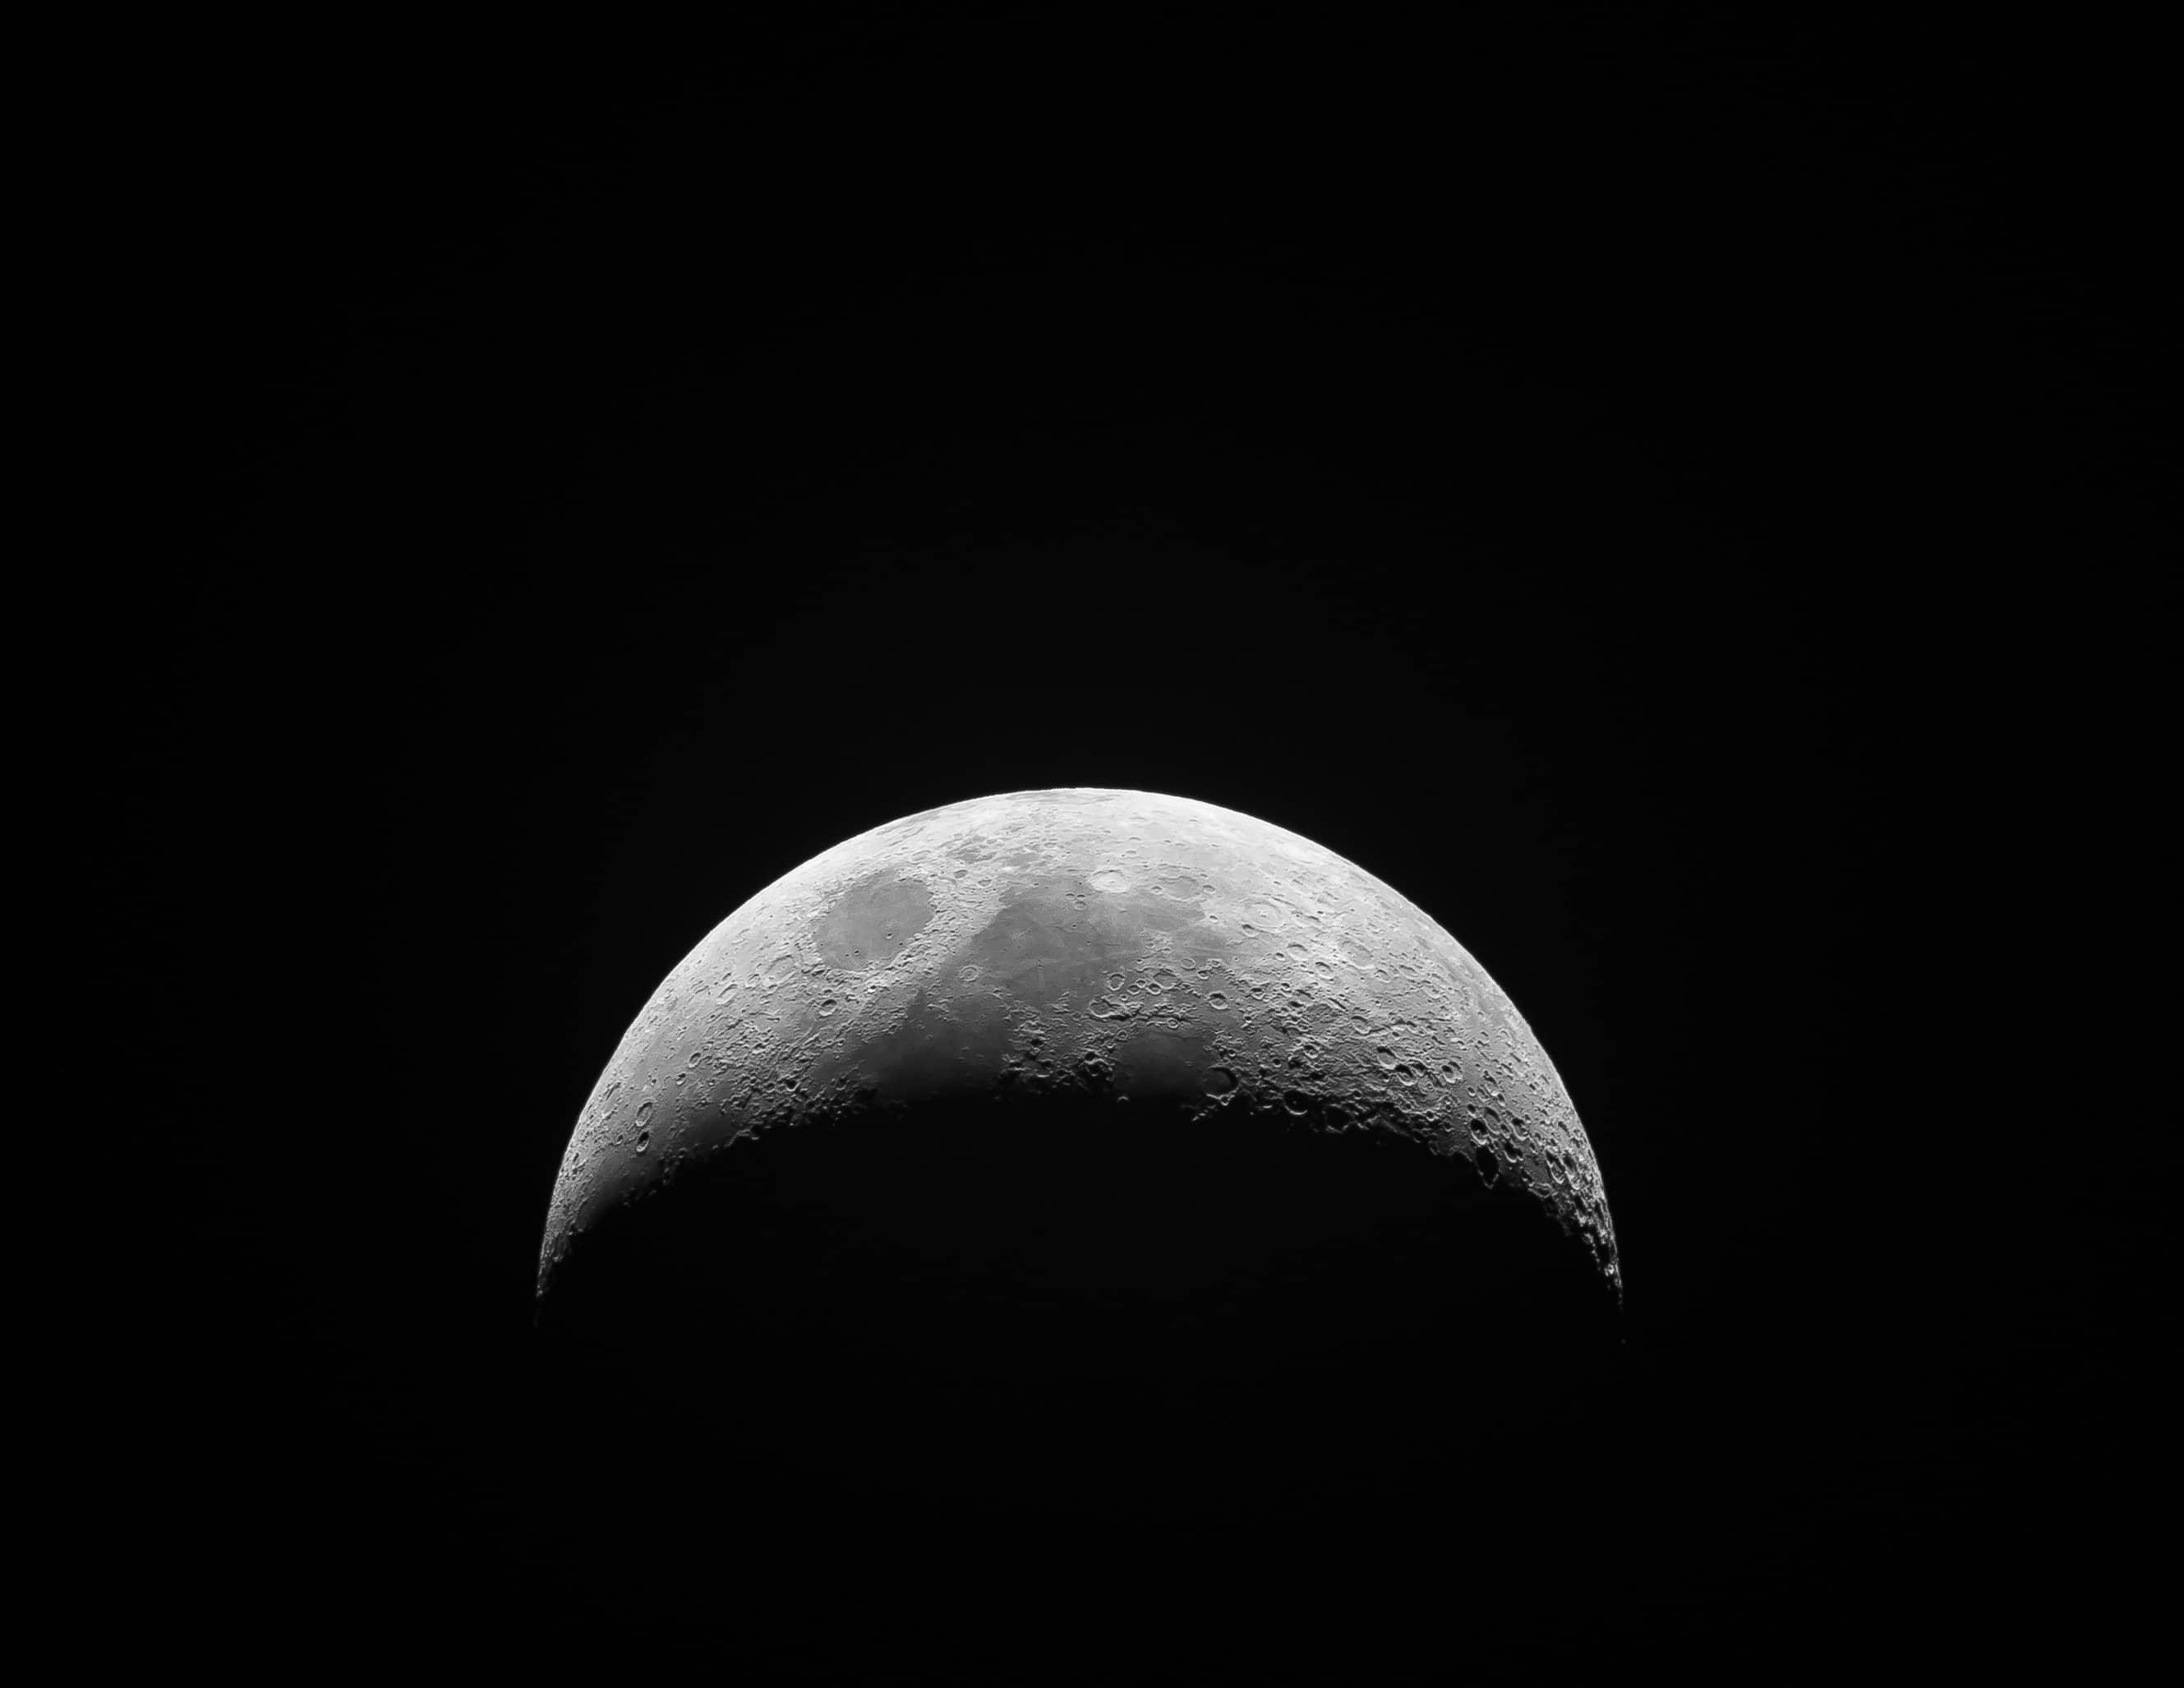 moon close up image